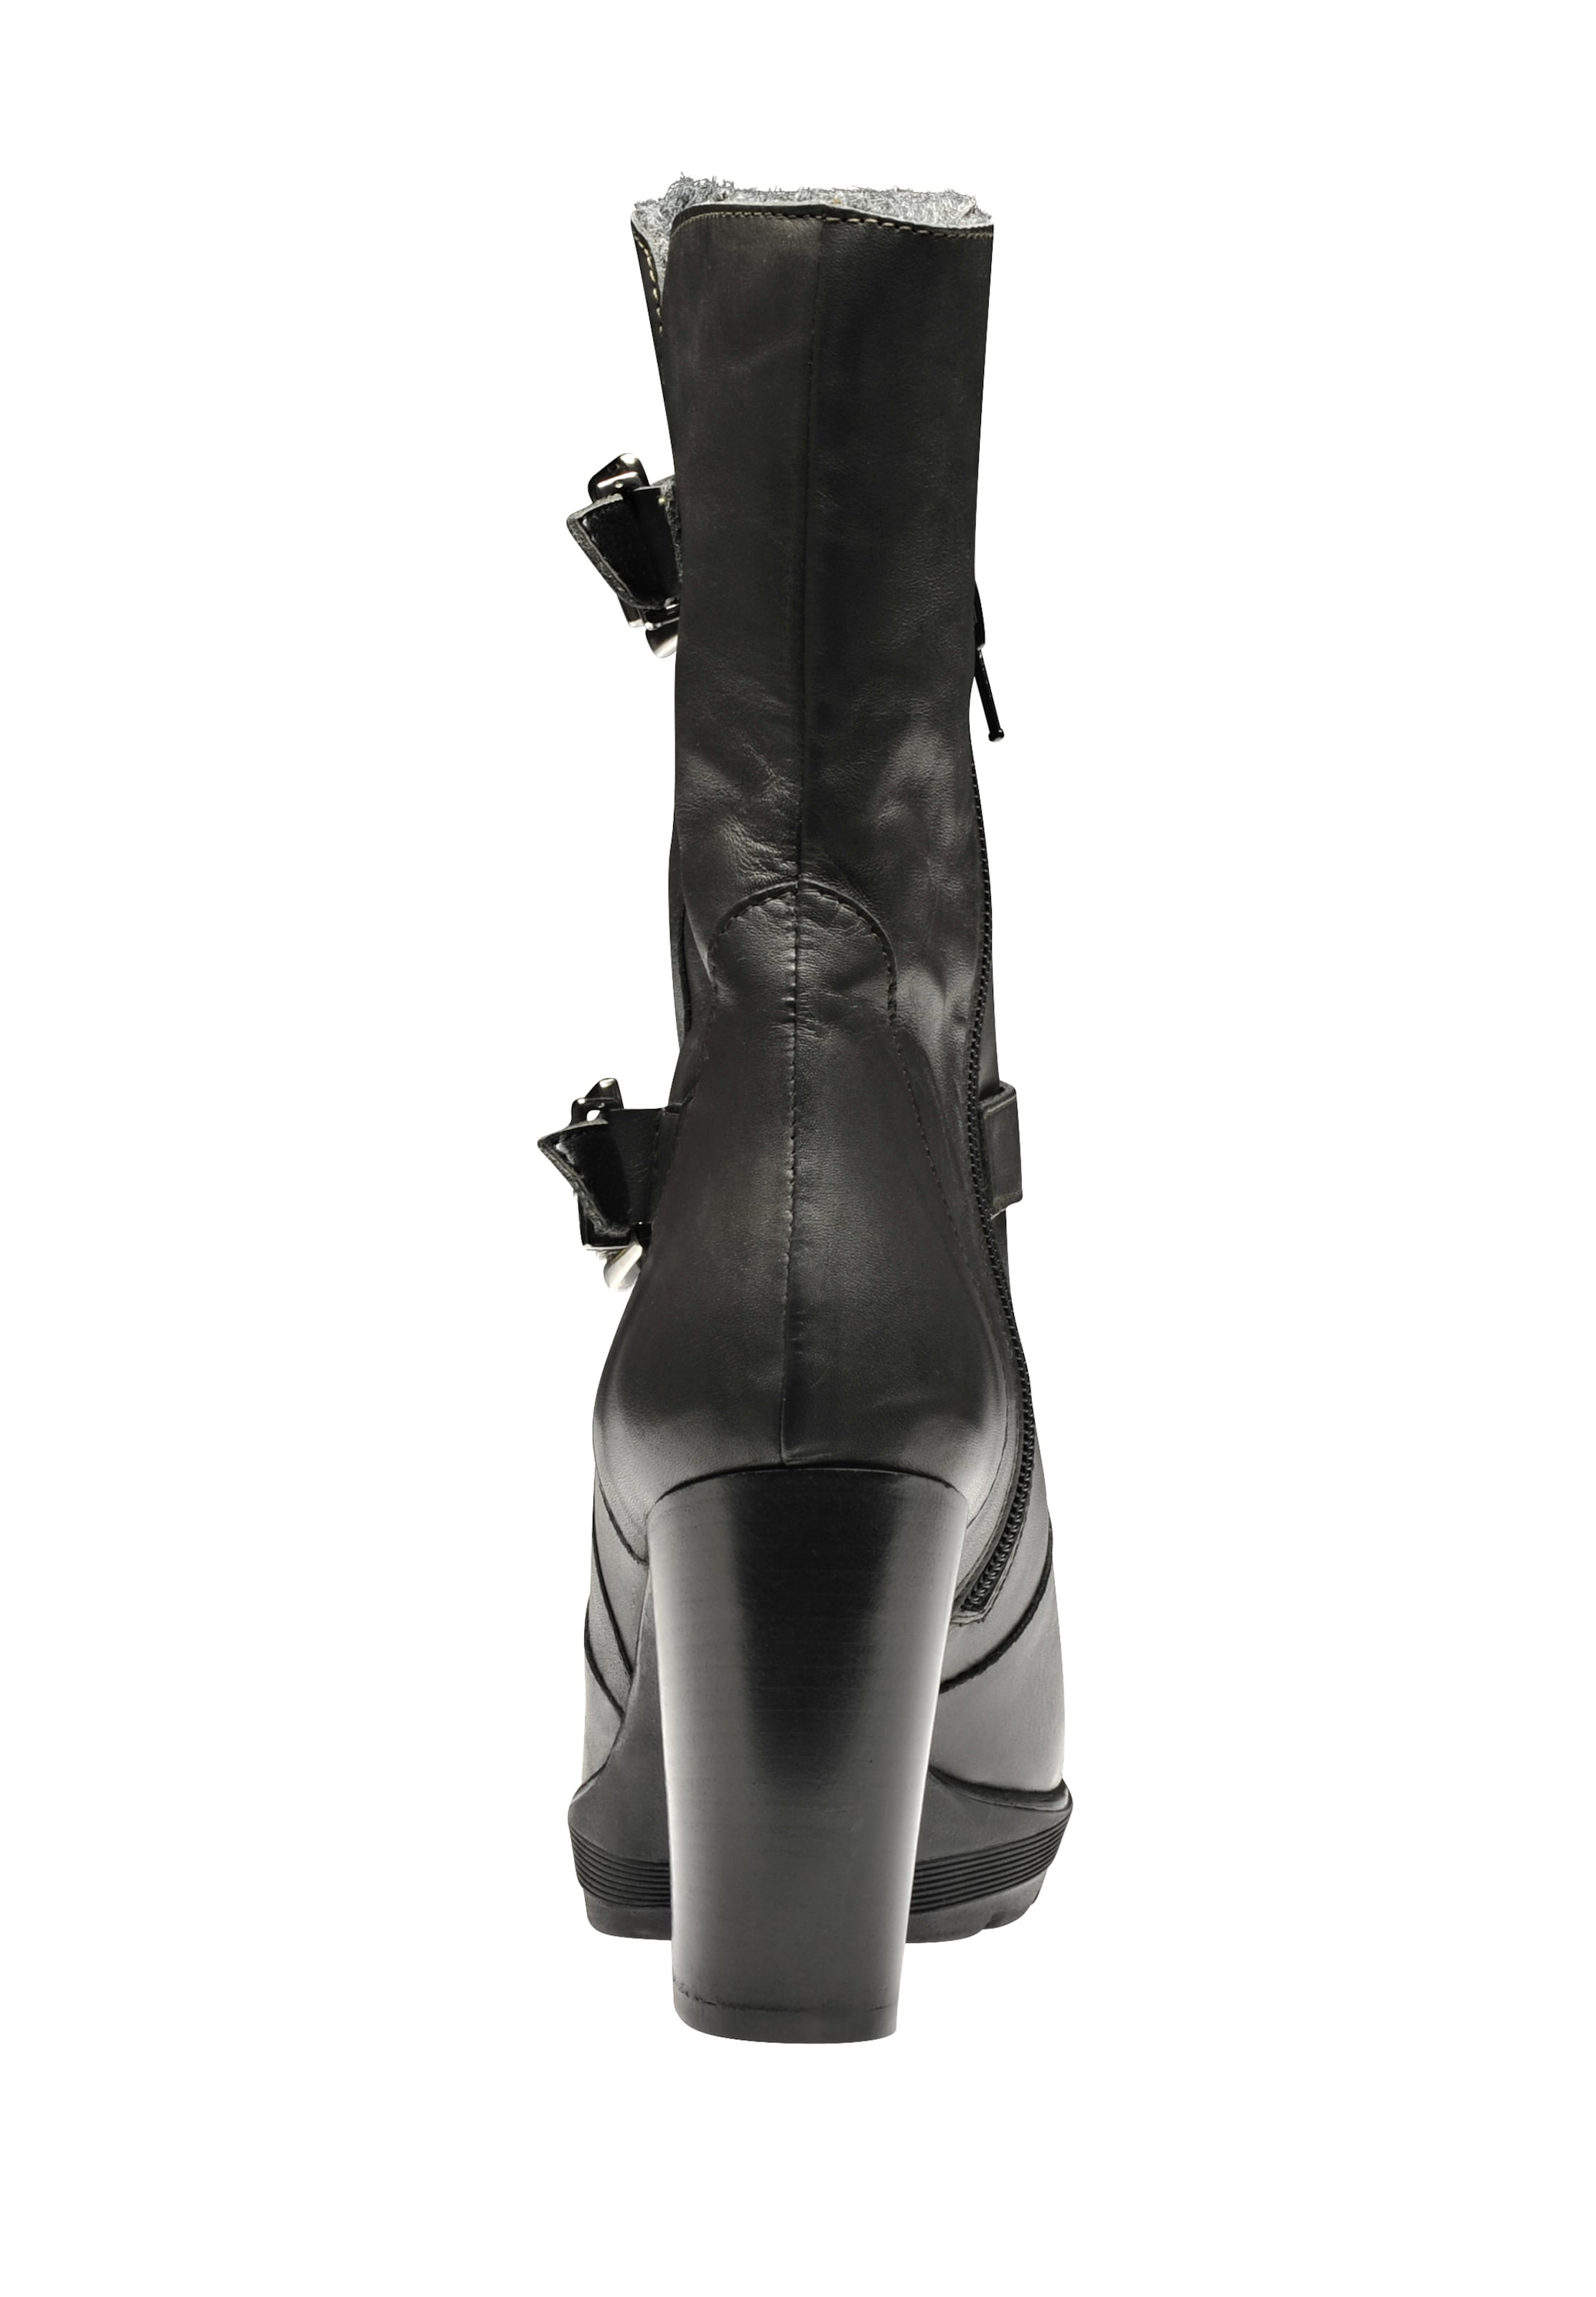 Aus Deutschland Günstig Online Günstig Kaufen EVITA Damen Stiefelette Sammlungen Günstiger Preis Sehr Billig Zu Verkaufen XxioDVWJ